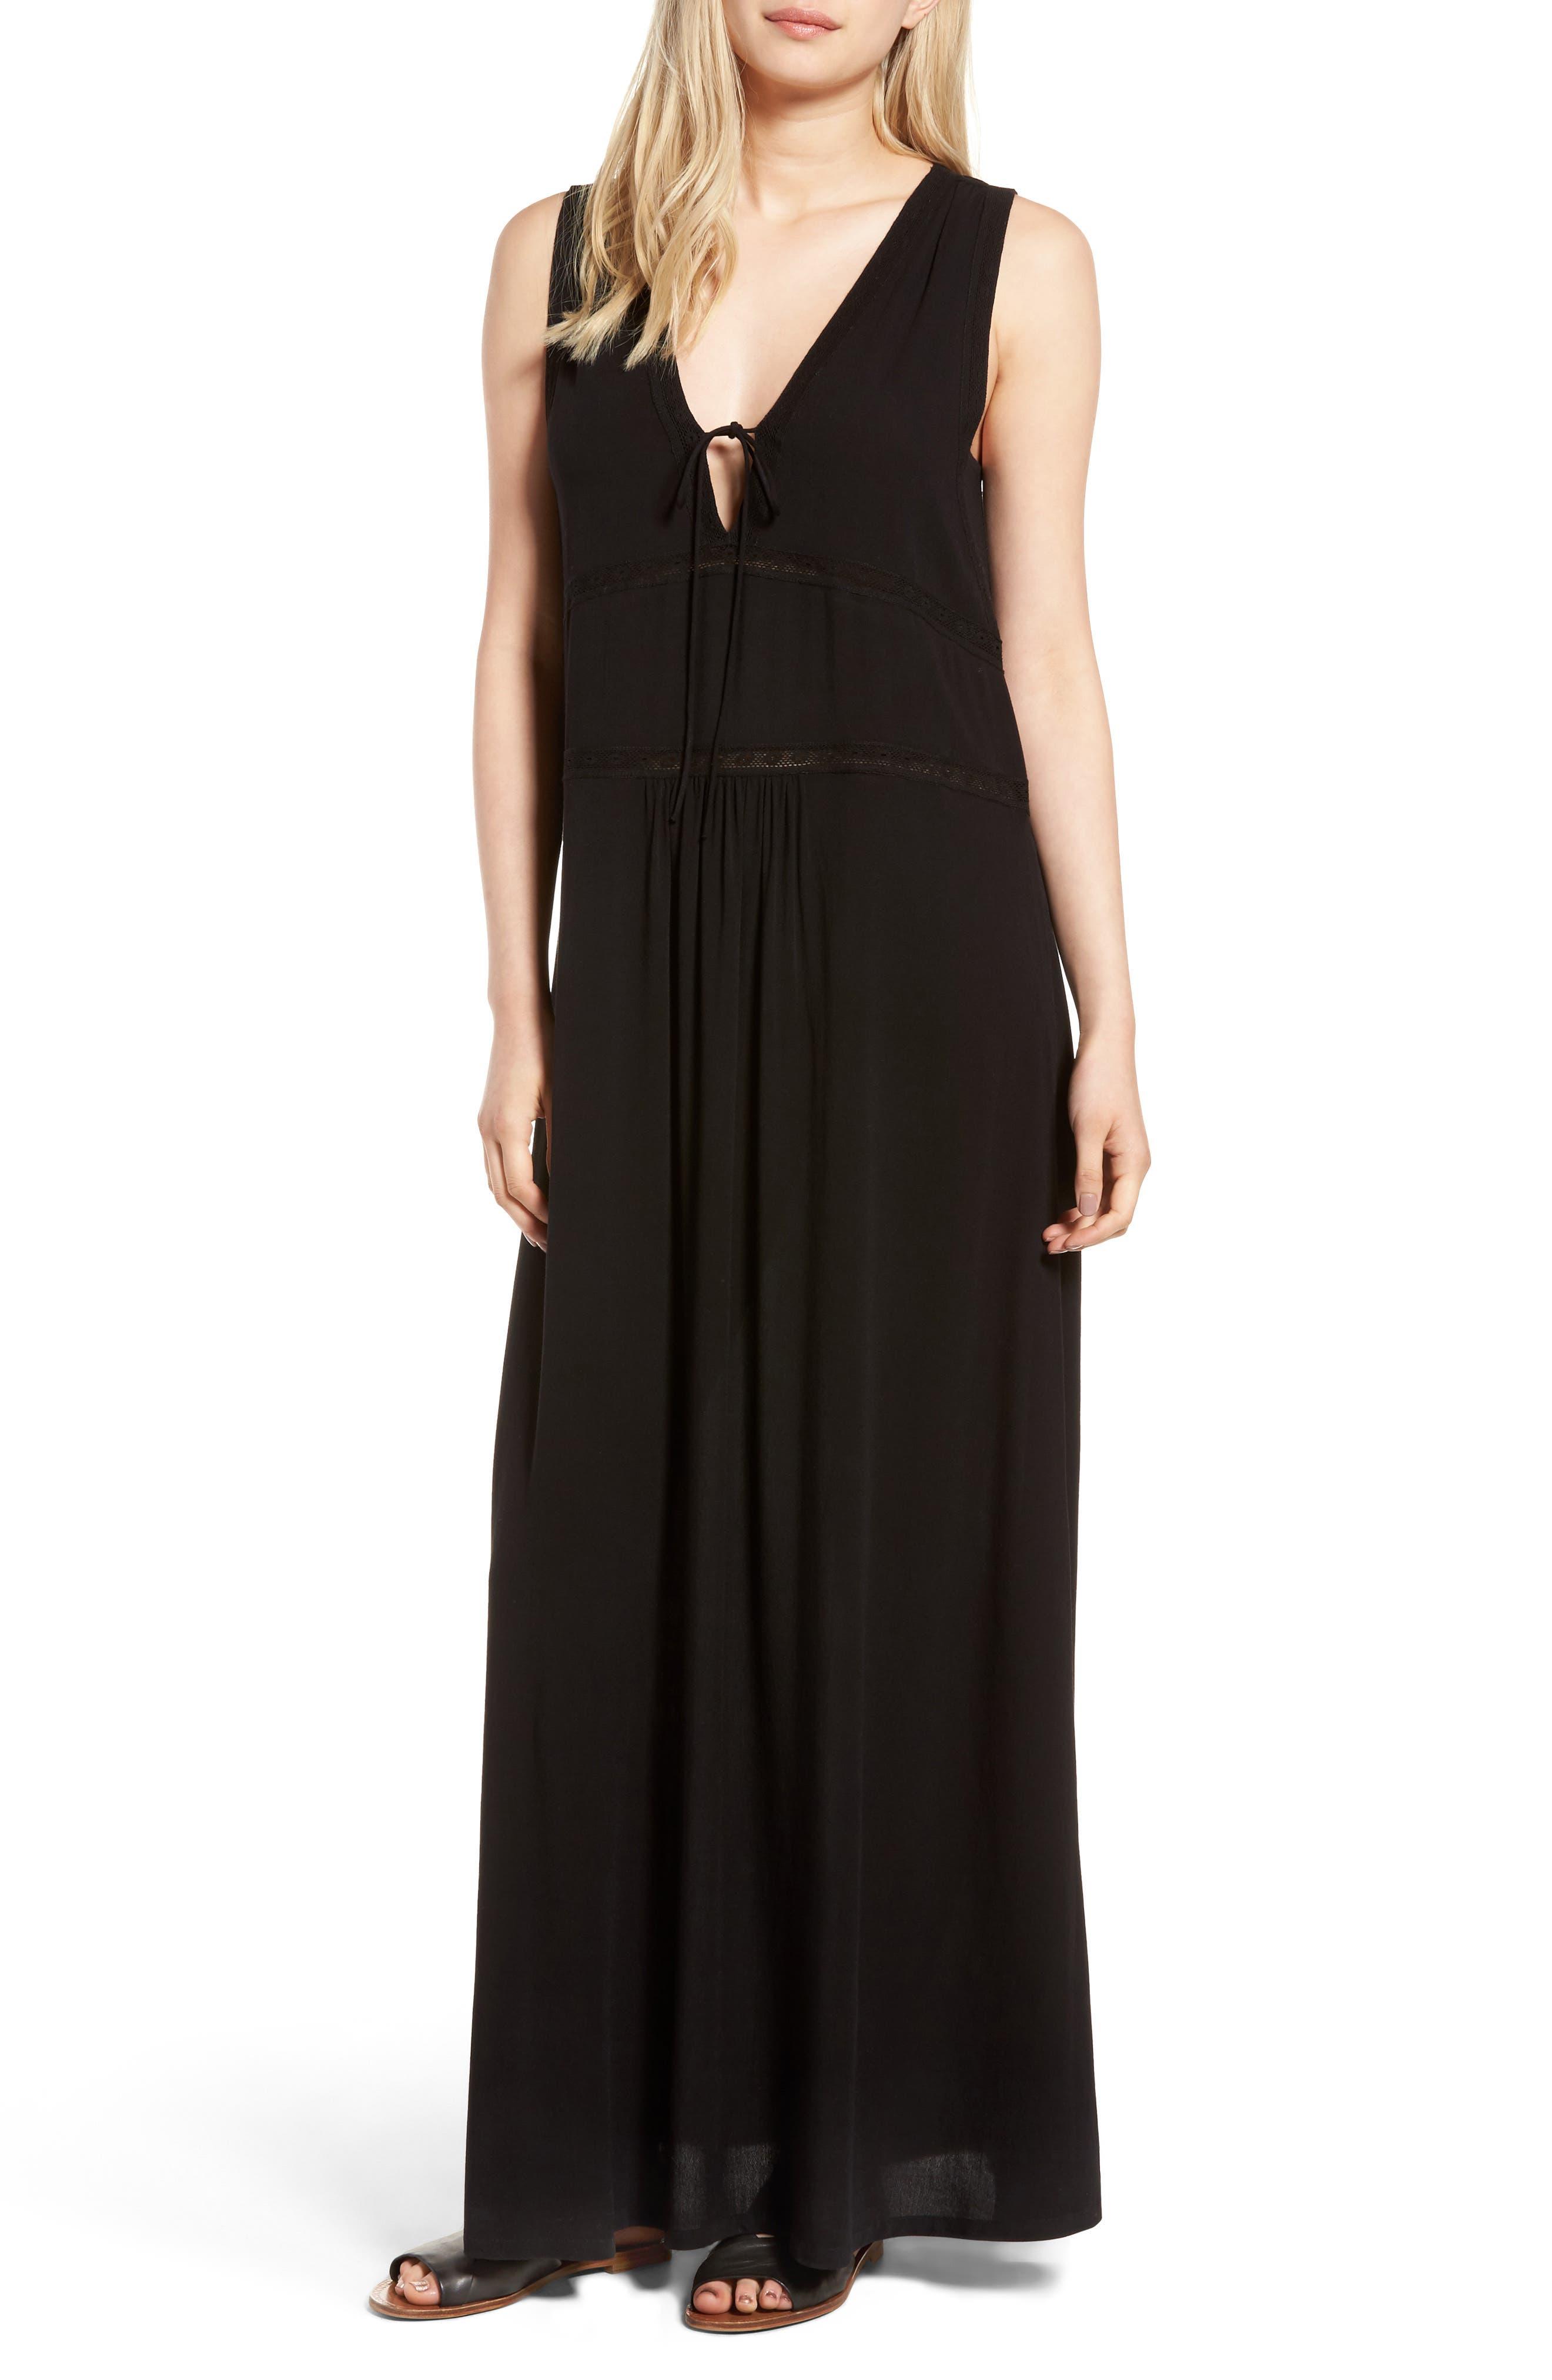 Hinge Lace-Up Maxi Dress